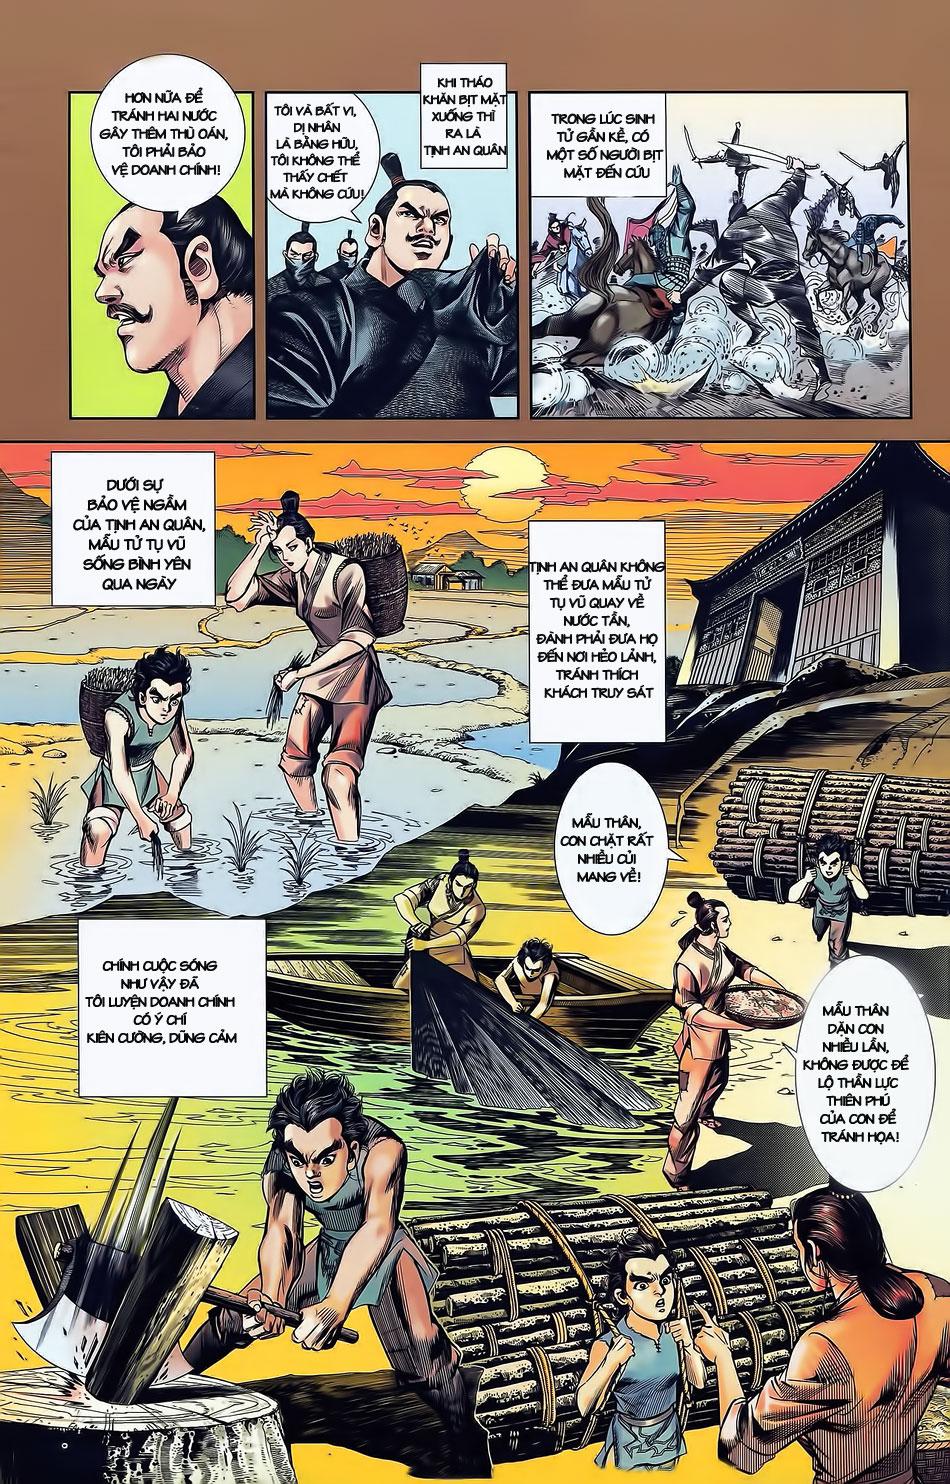 Tần Vương Doanh Chính chapter 2 trang 5